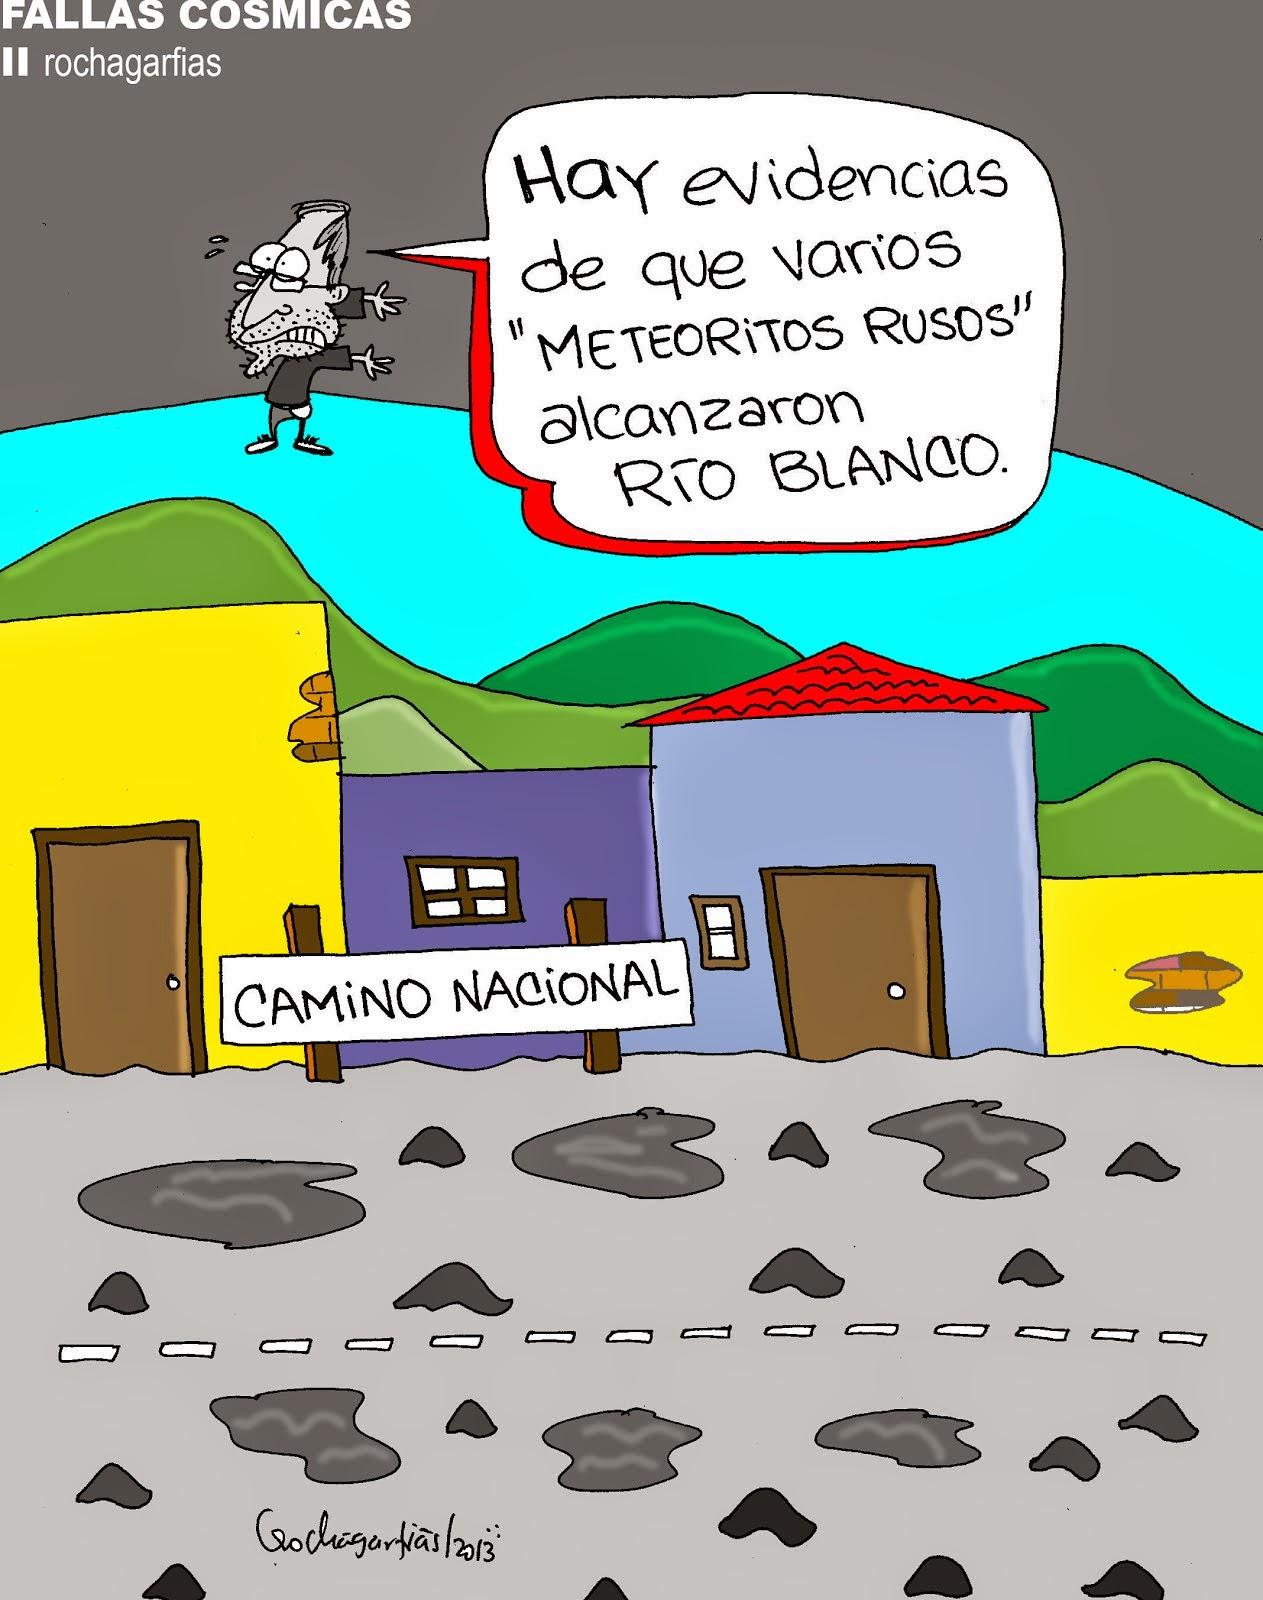 Fallas cósmicas en Río Blanco.